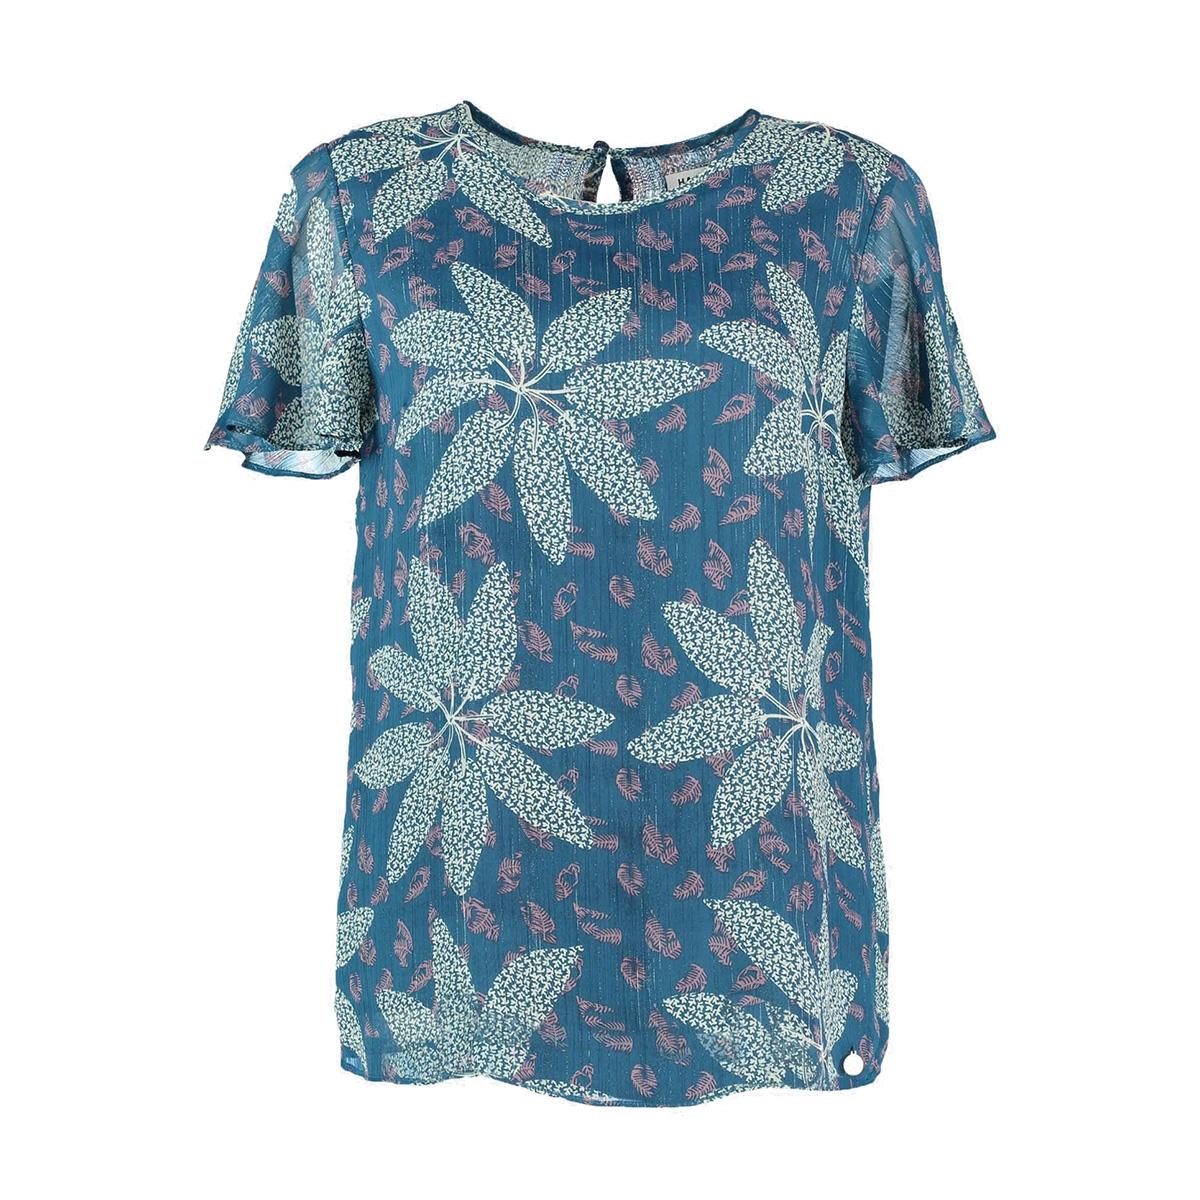 mila blouse ss19b407 harper & yve blouse summer petrol